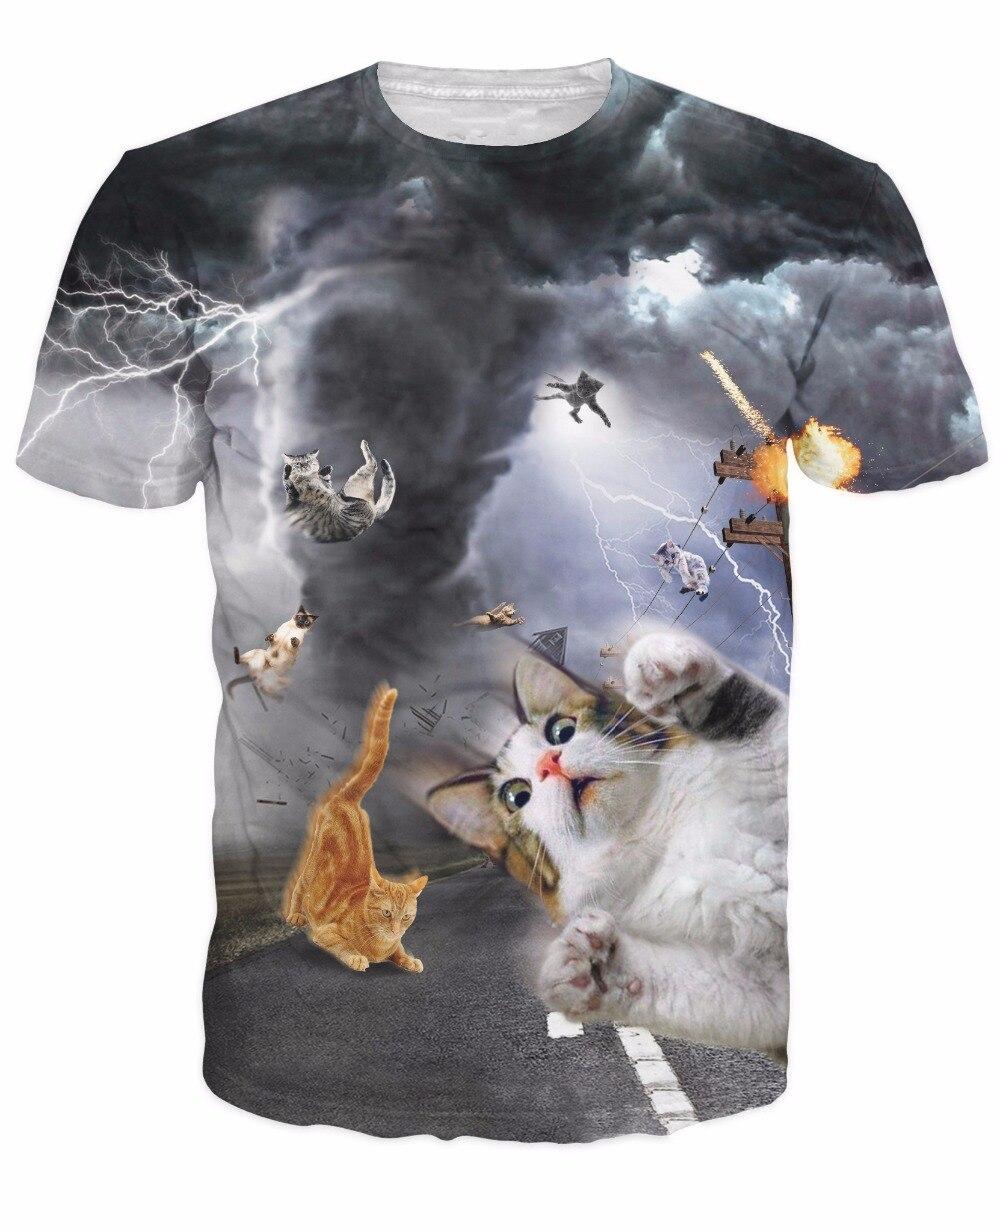 Summer t shirt women men 3d animal t shirt funny galaxy space cat